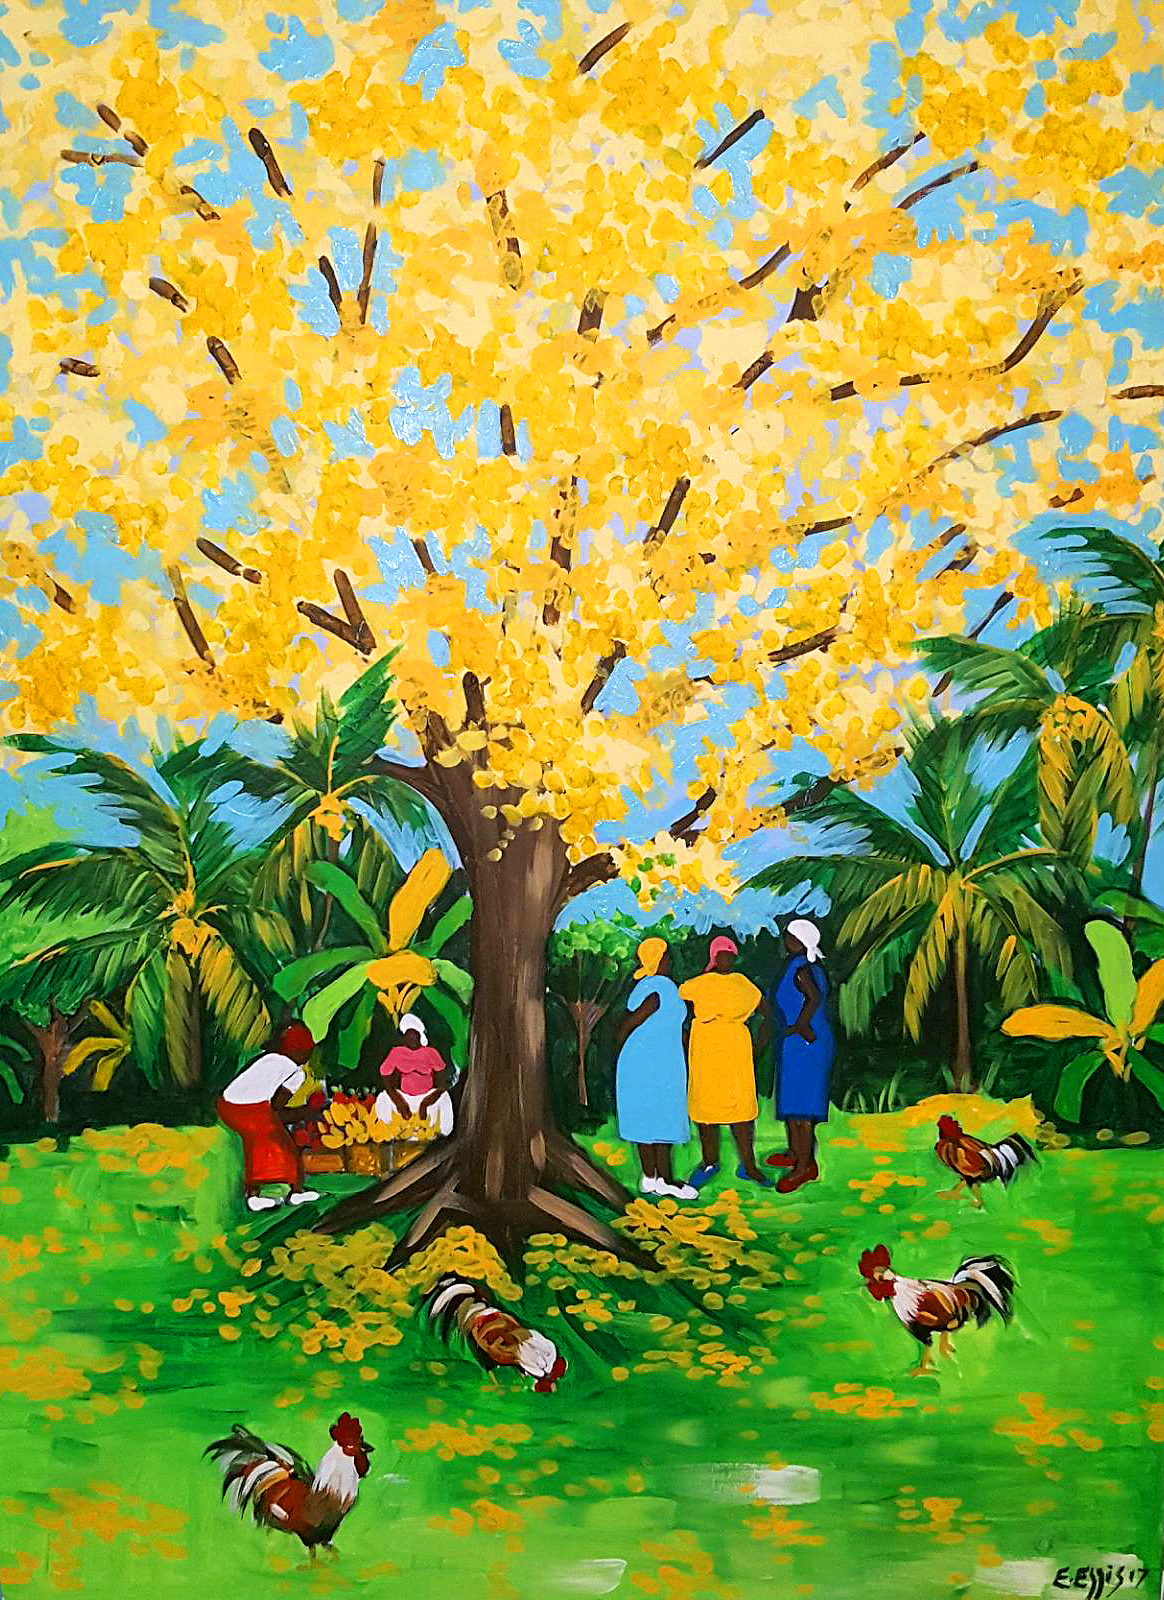 YELLOW-POUI-TREE